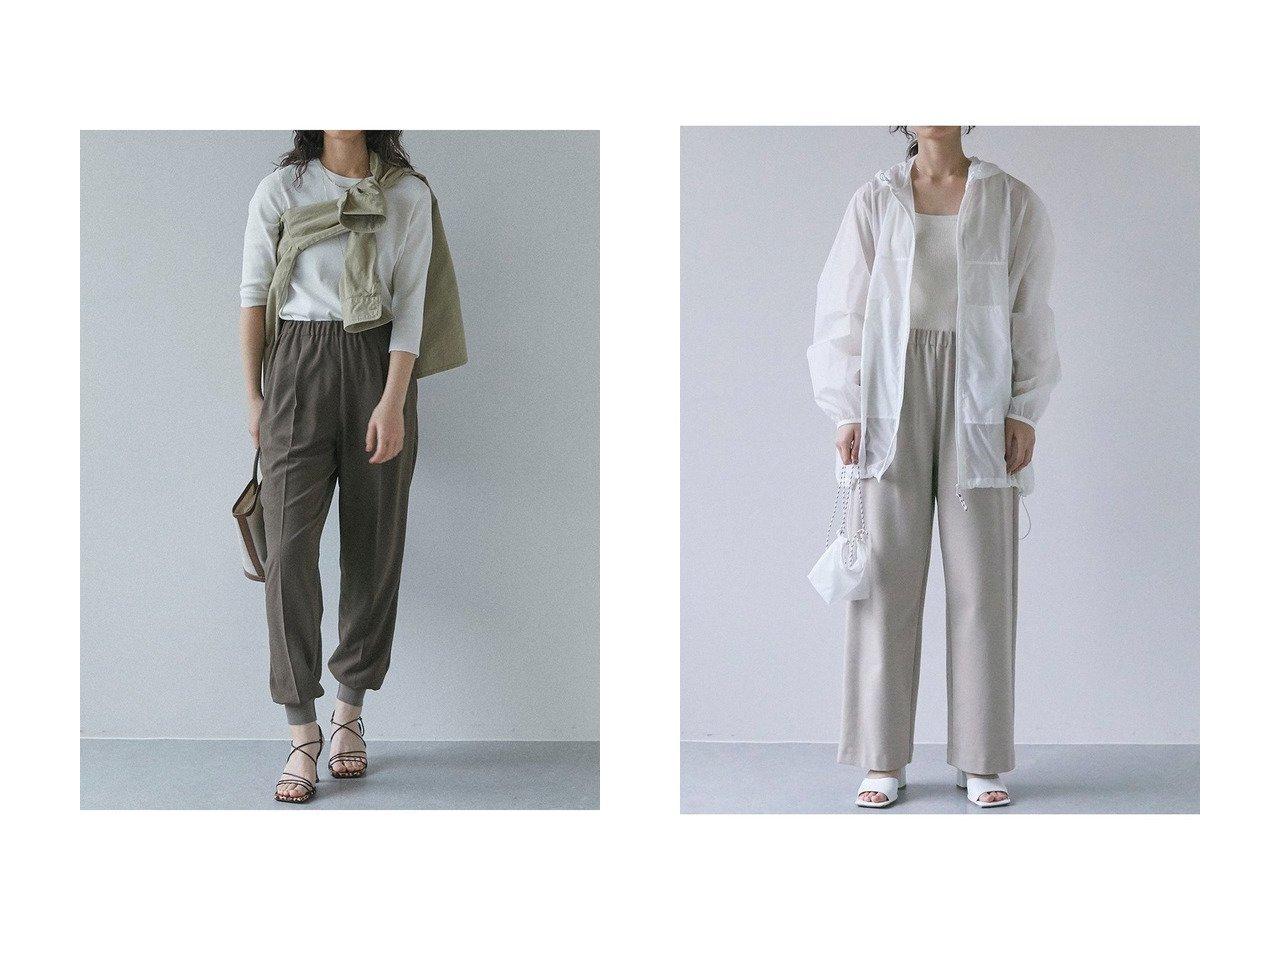 【GALLARDAGALANTE/ガリャルダガランテ】のジャージージョガーパンツ&ポンチイージーパンツ パンツのおすすめ!人気、トレンド・レディースファッションの通販 おすすめで人気の流行・トレンド、ファッションの通販商品 メンズファッション・キッズファッション・インテリア・家具・レディースファッション・服の通販 founy(ファニー) https://founy.com/ ファッション Fashion レディースファッション WOMEN パンツ Pants 2021年 2021 2021 春夏 S/S SS Spring/Summer 2021 S/S 春夏 SS Spring/Summer なめらか ストレッチ ワイド 春 Spring |ID:crp329100000024953